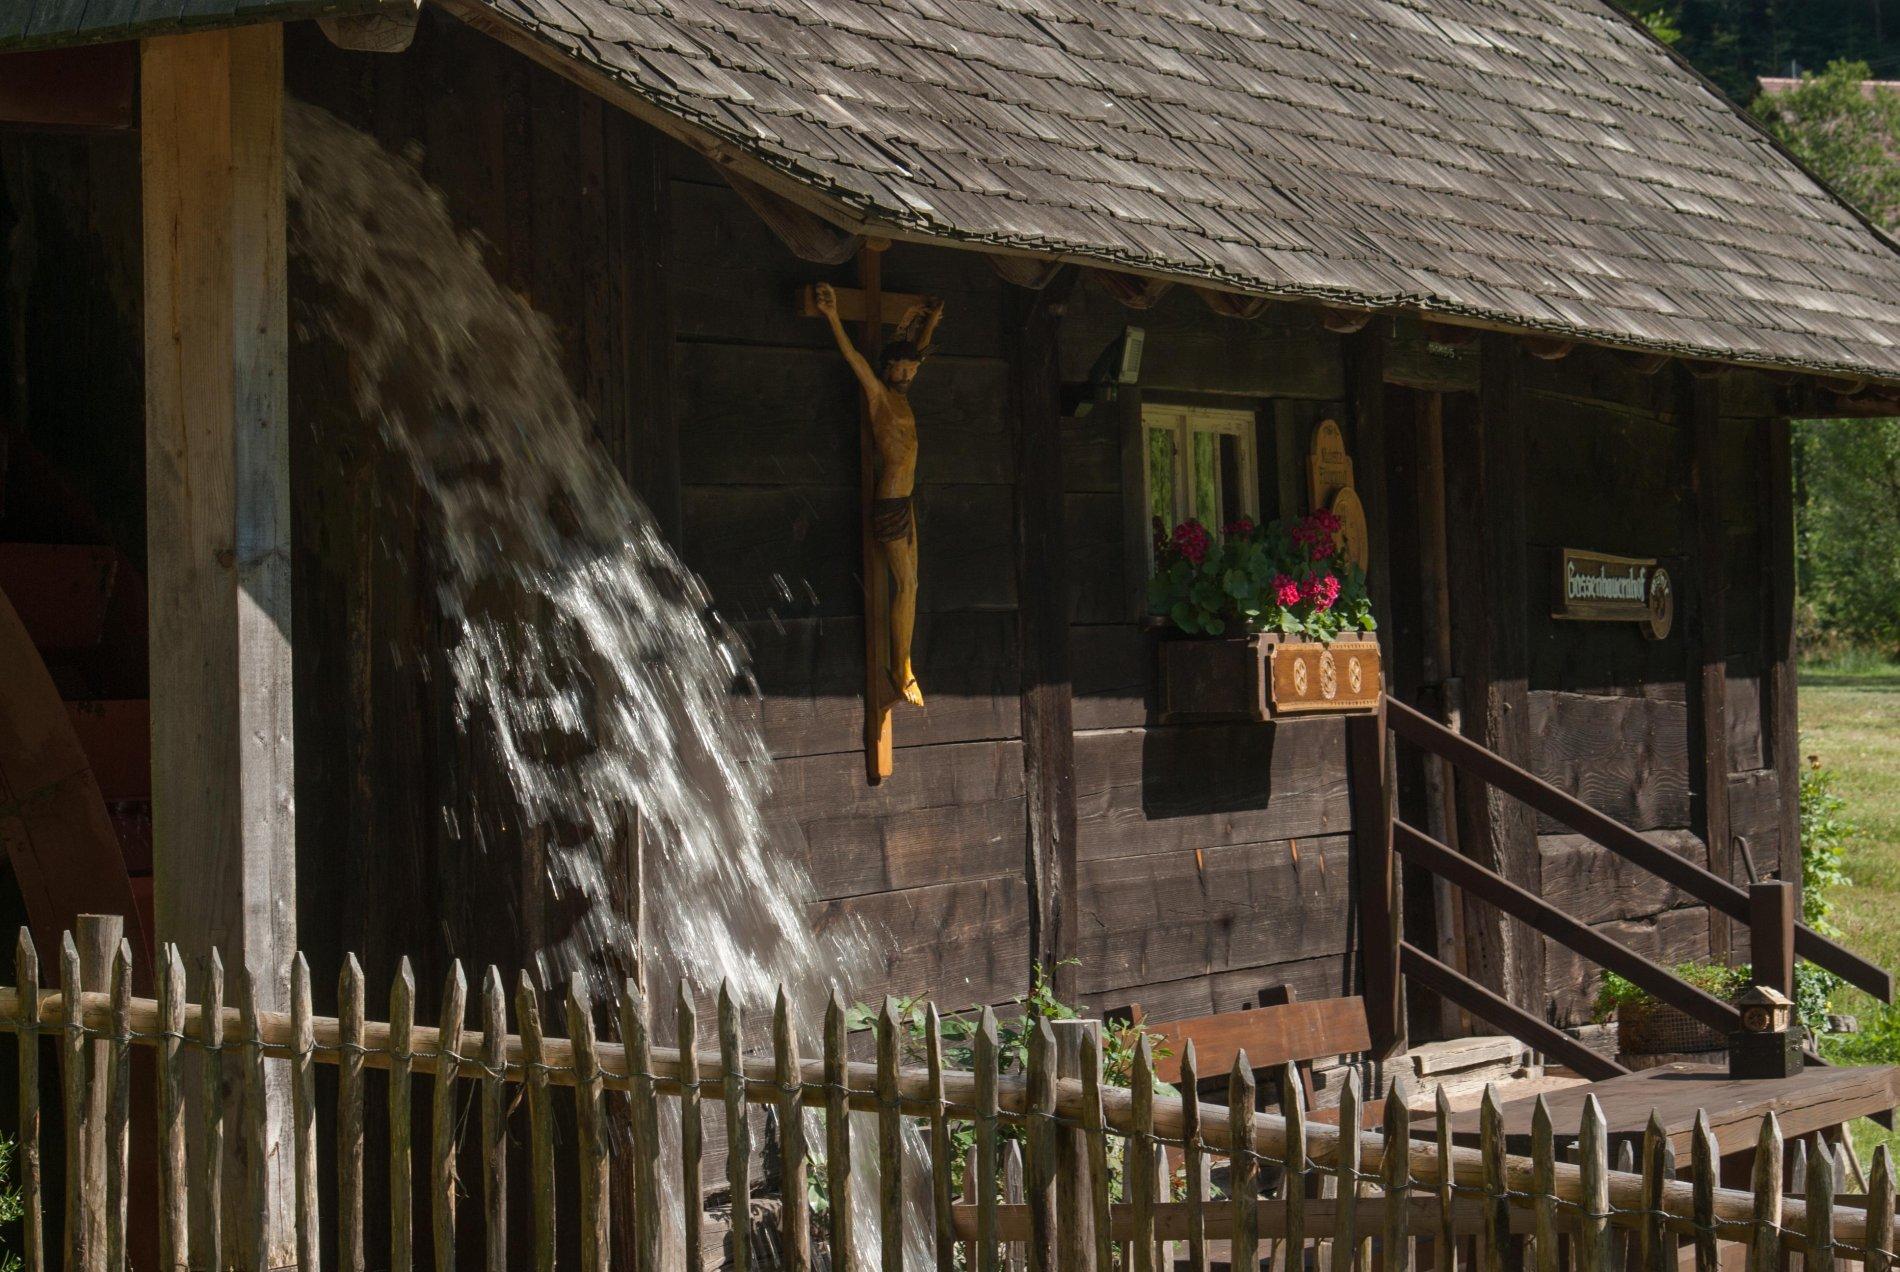 Mühle, Wasserrad